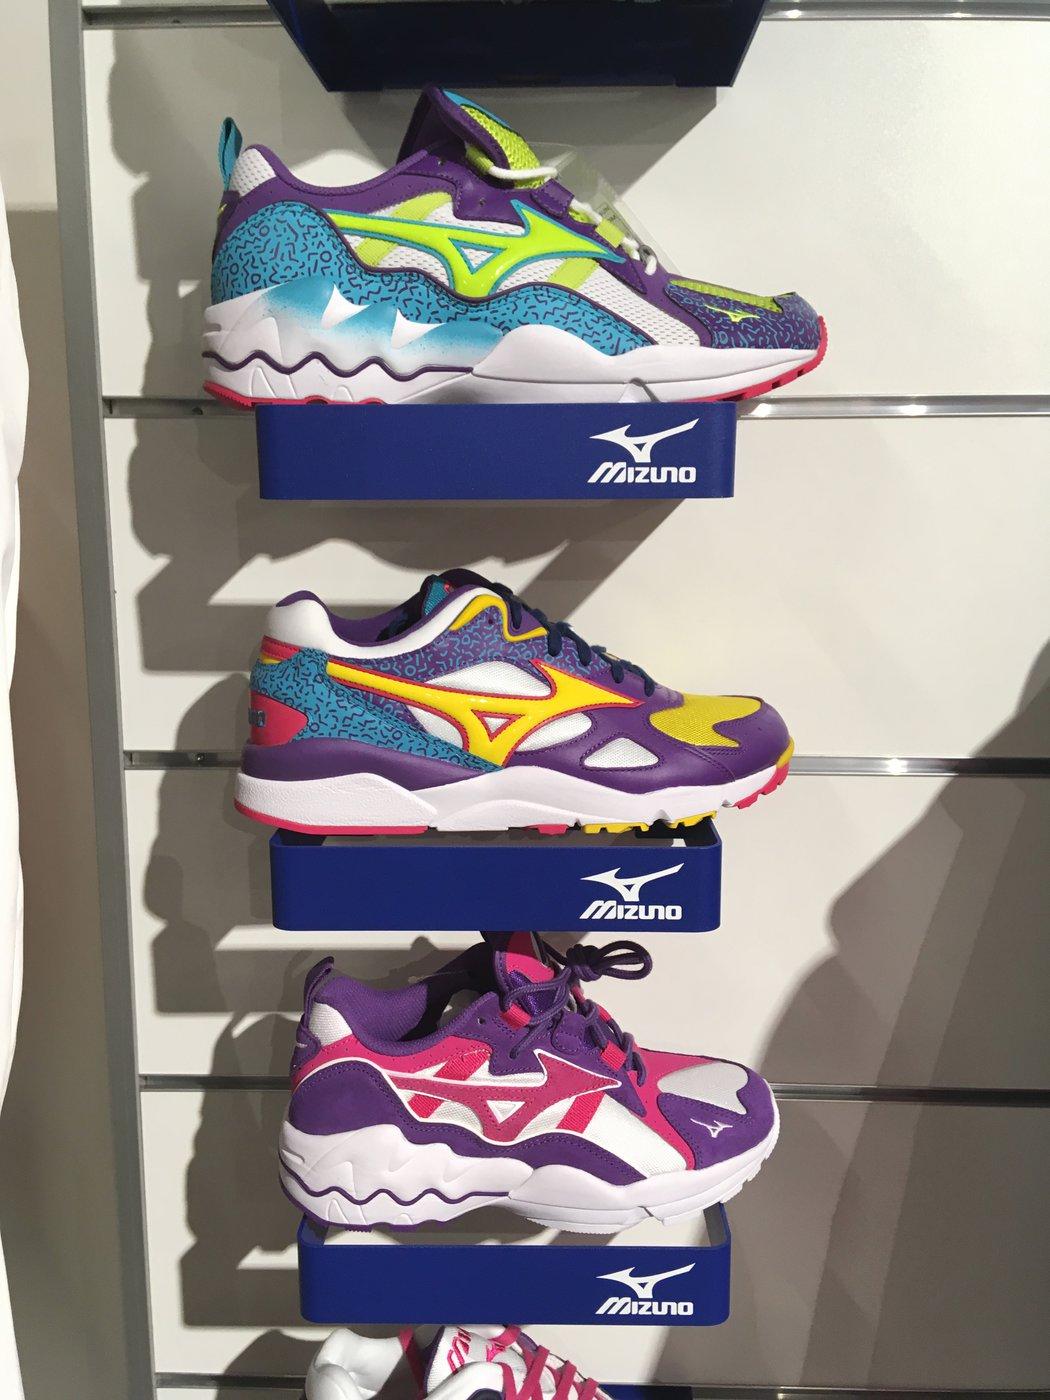 Retro modely běžeckých bot. Jak se vám líbí?